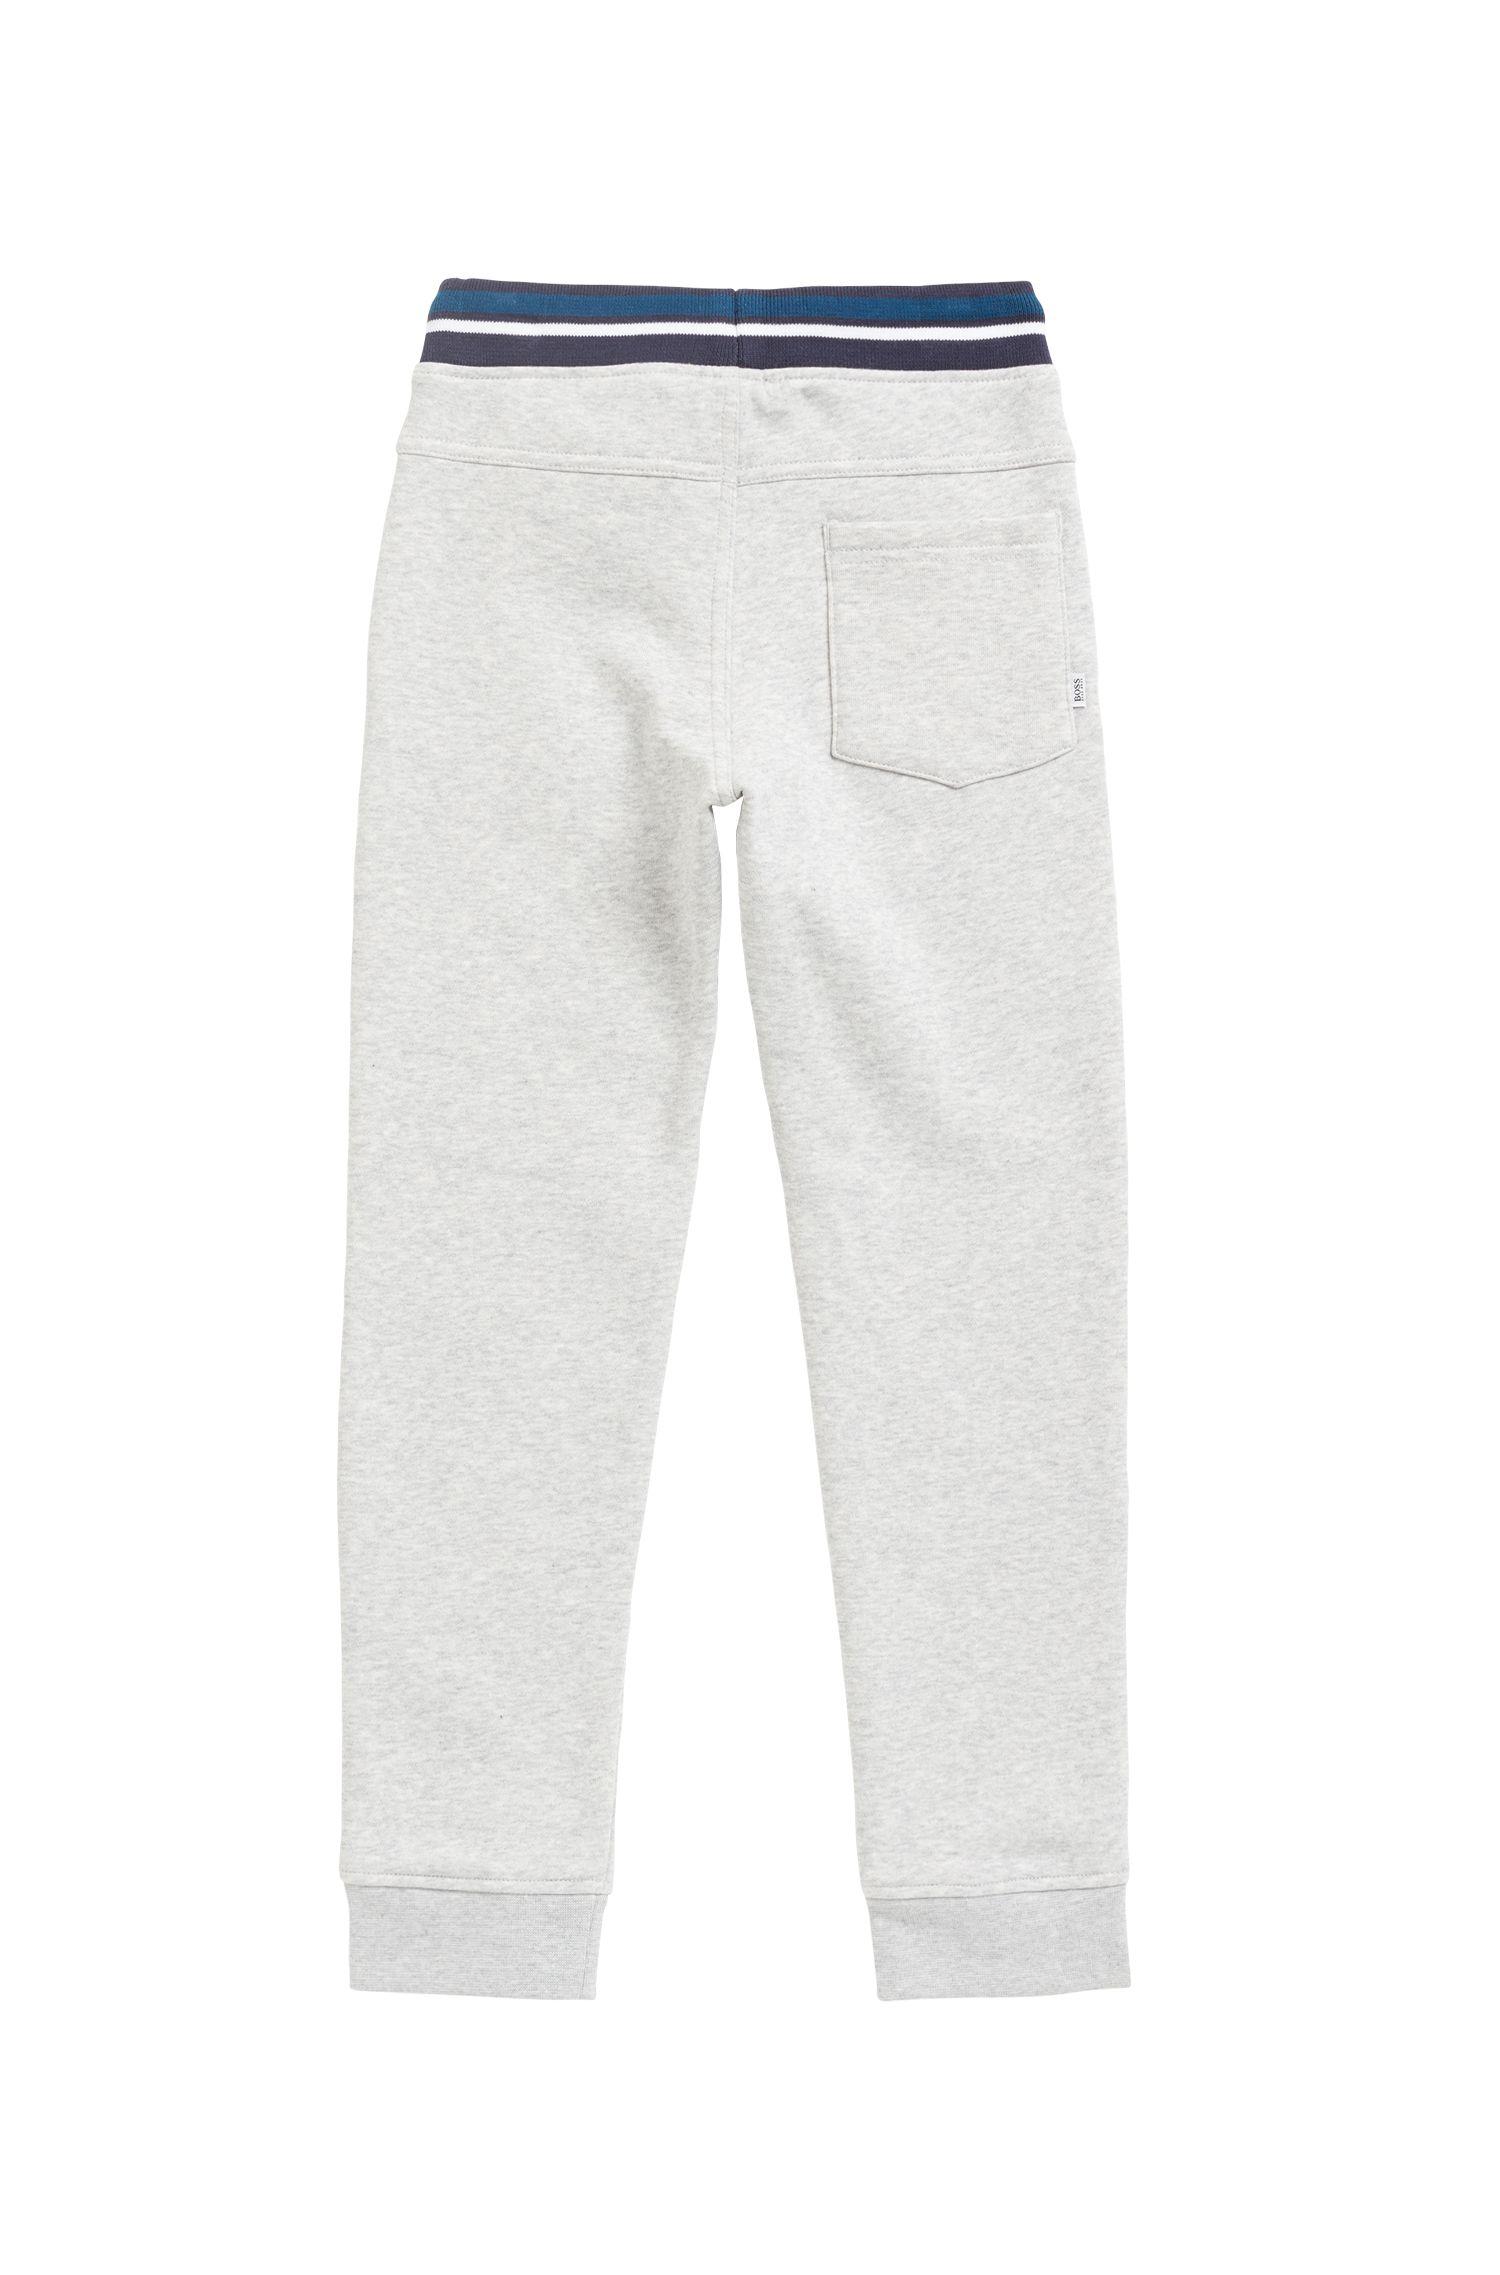 Pantalones para niños loungewear en forro de mezcla de algodón, Gris claro